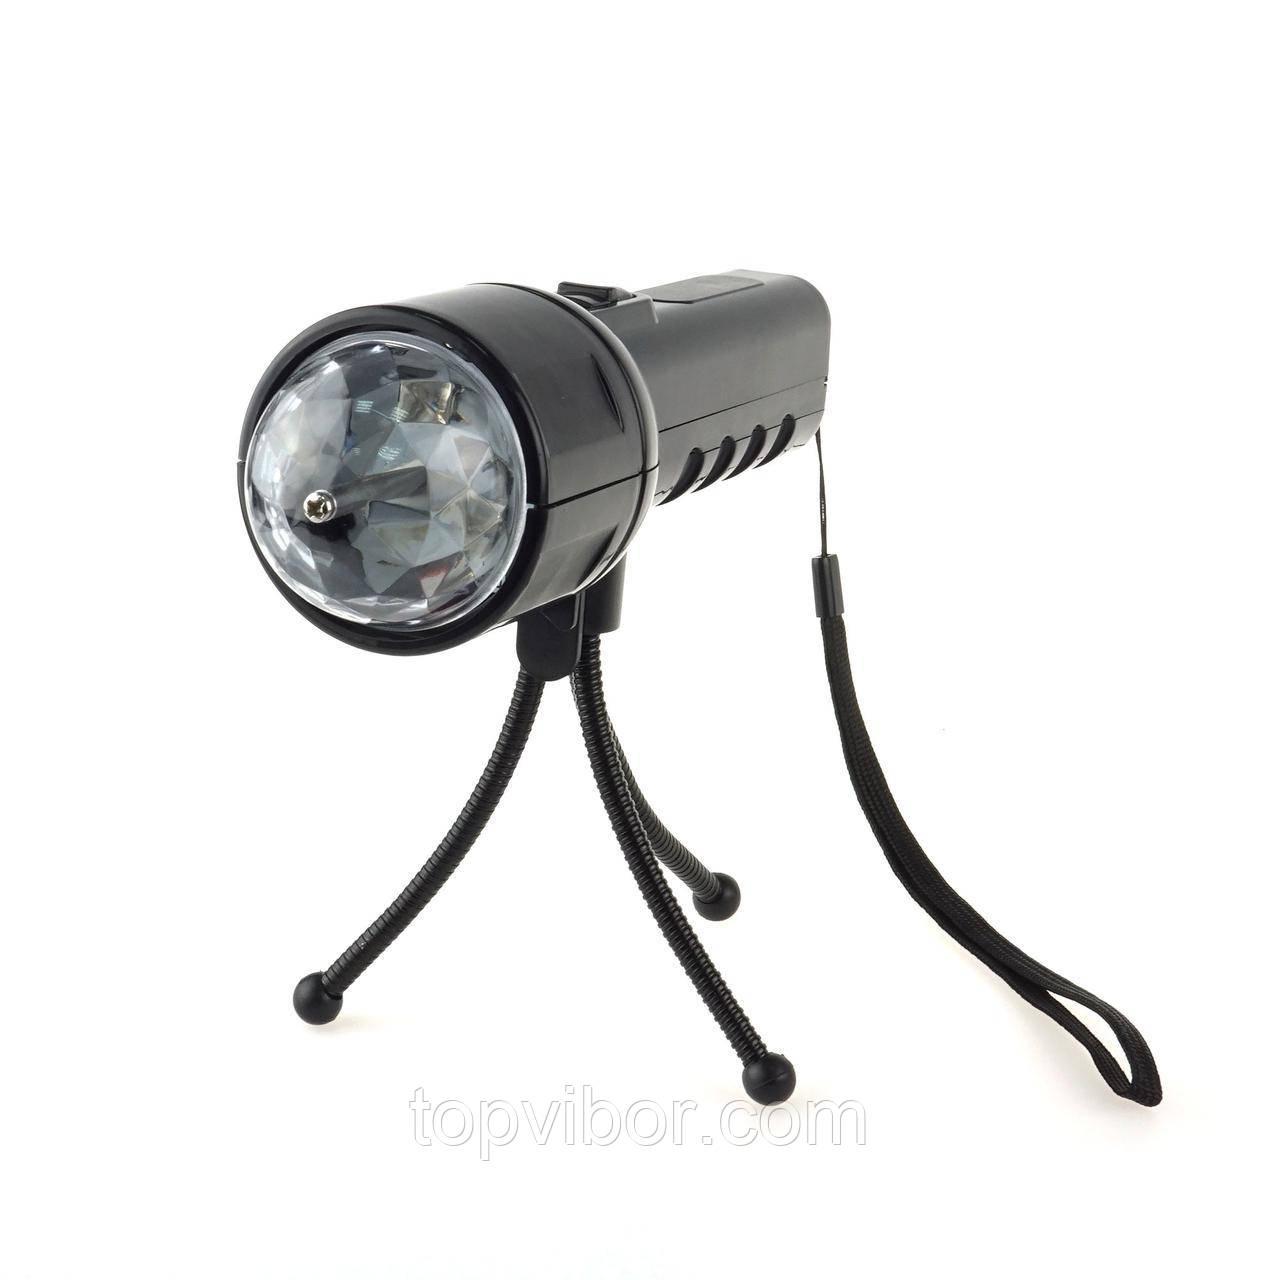 Проектор фонарик, светодиодный, со штативом, (68791), 2 в 1